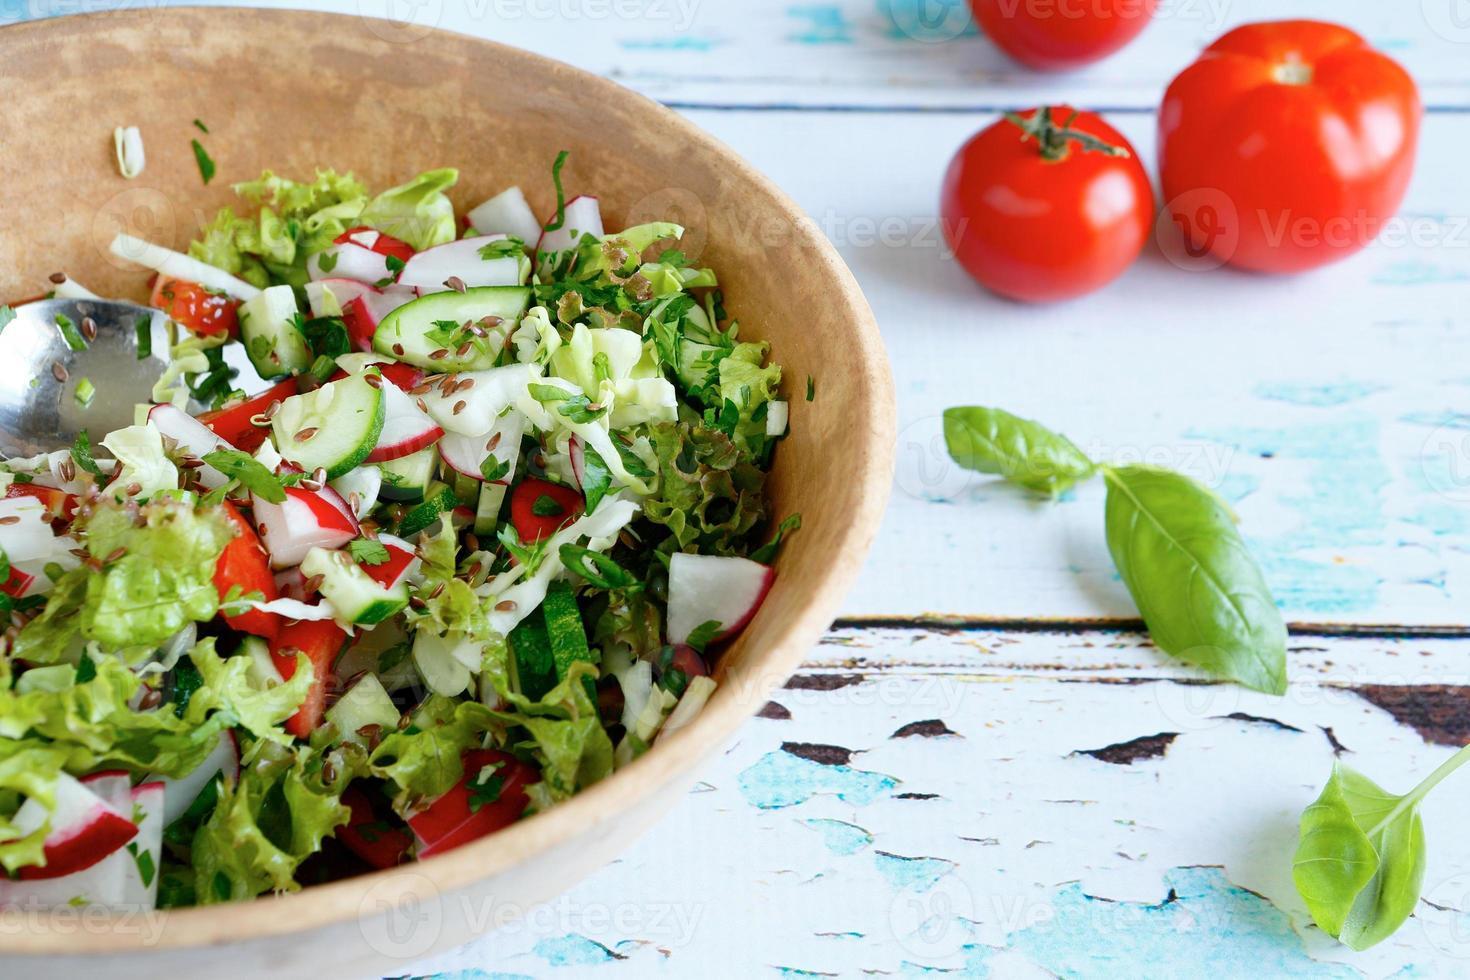 grönsakssallad i en stor skål foto